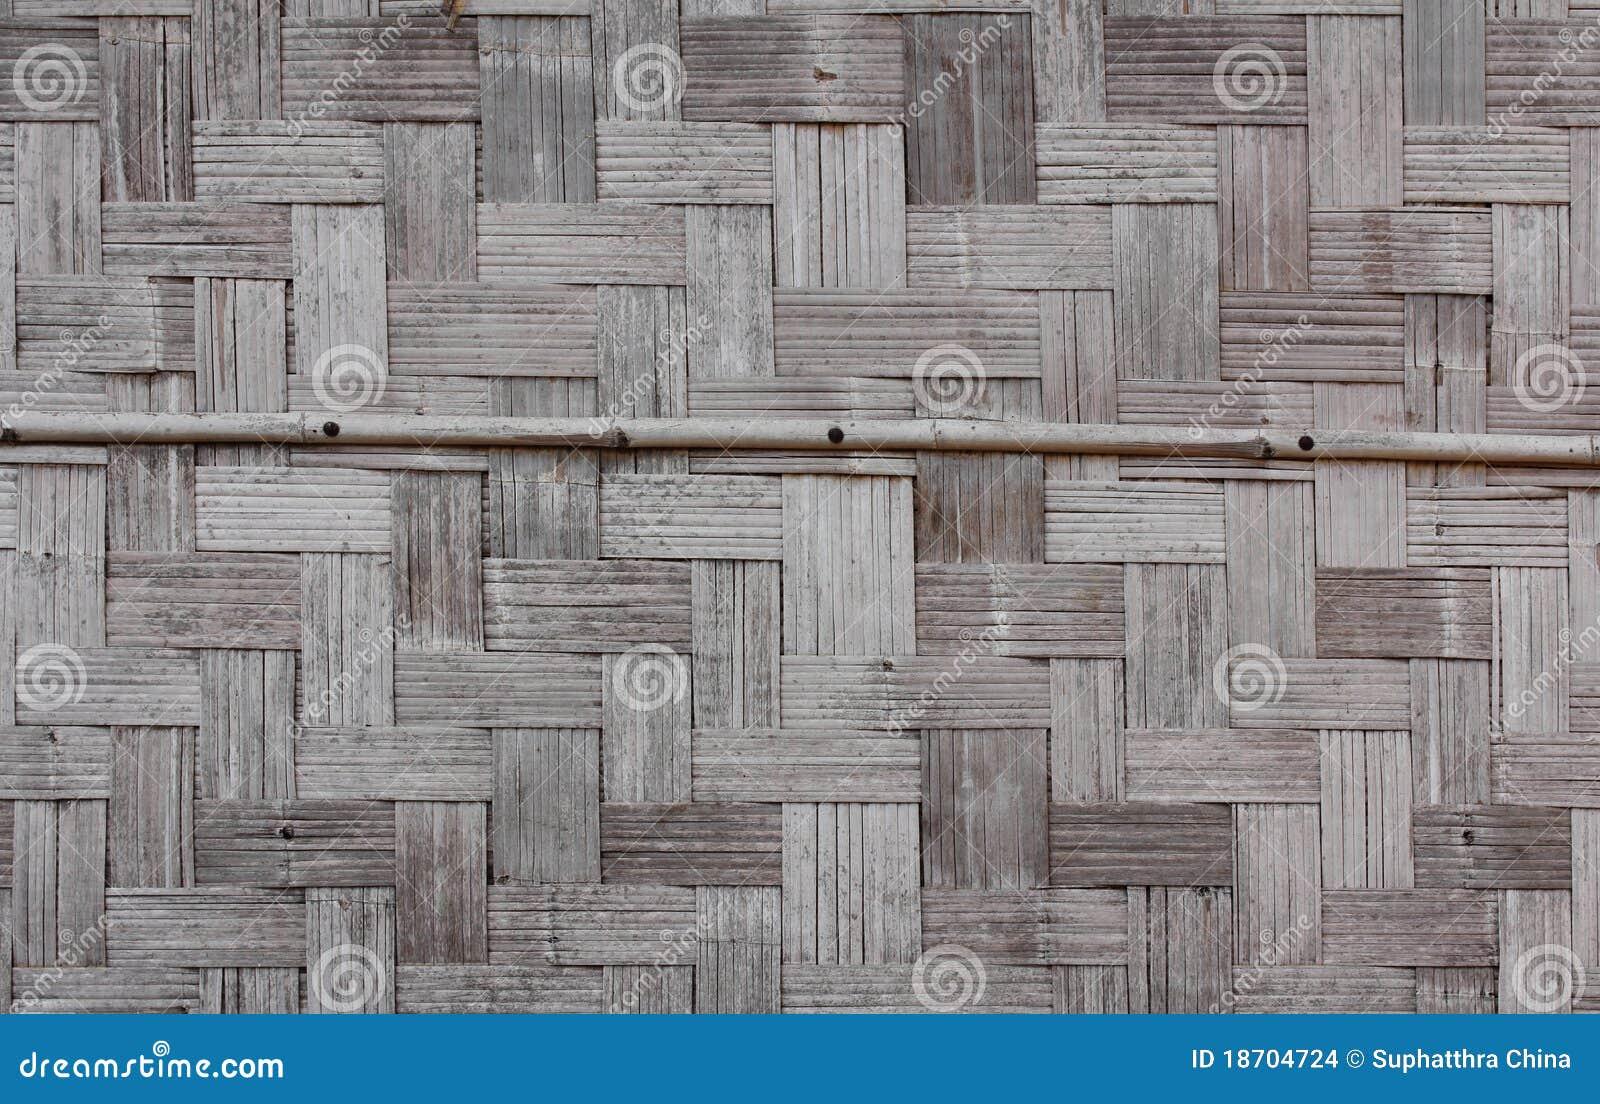 mur en bambou de maison photo stock image du laos bois. Black Bedroom Furniture Sets. Home Design Ideas